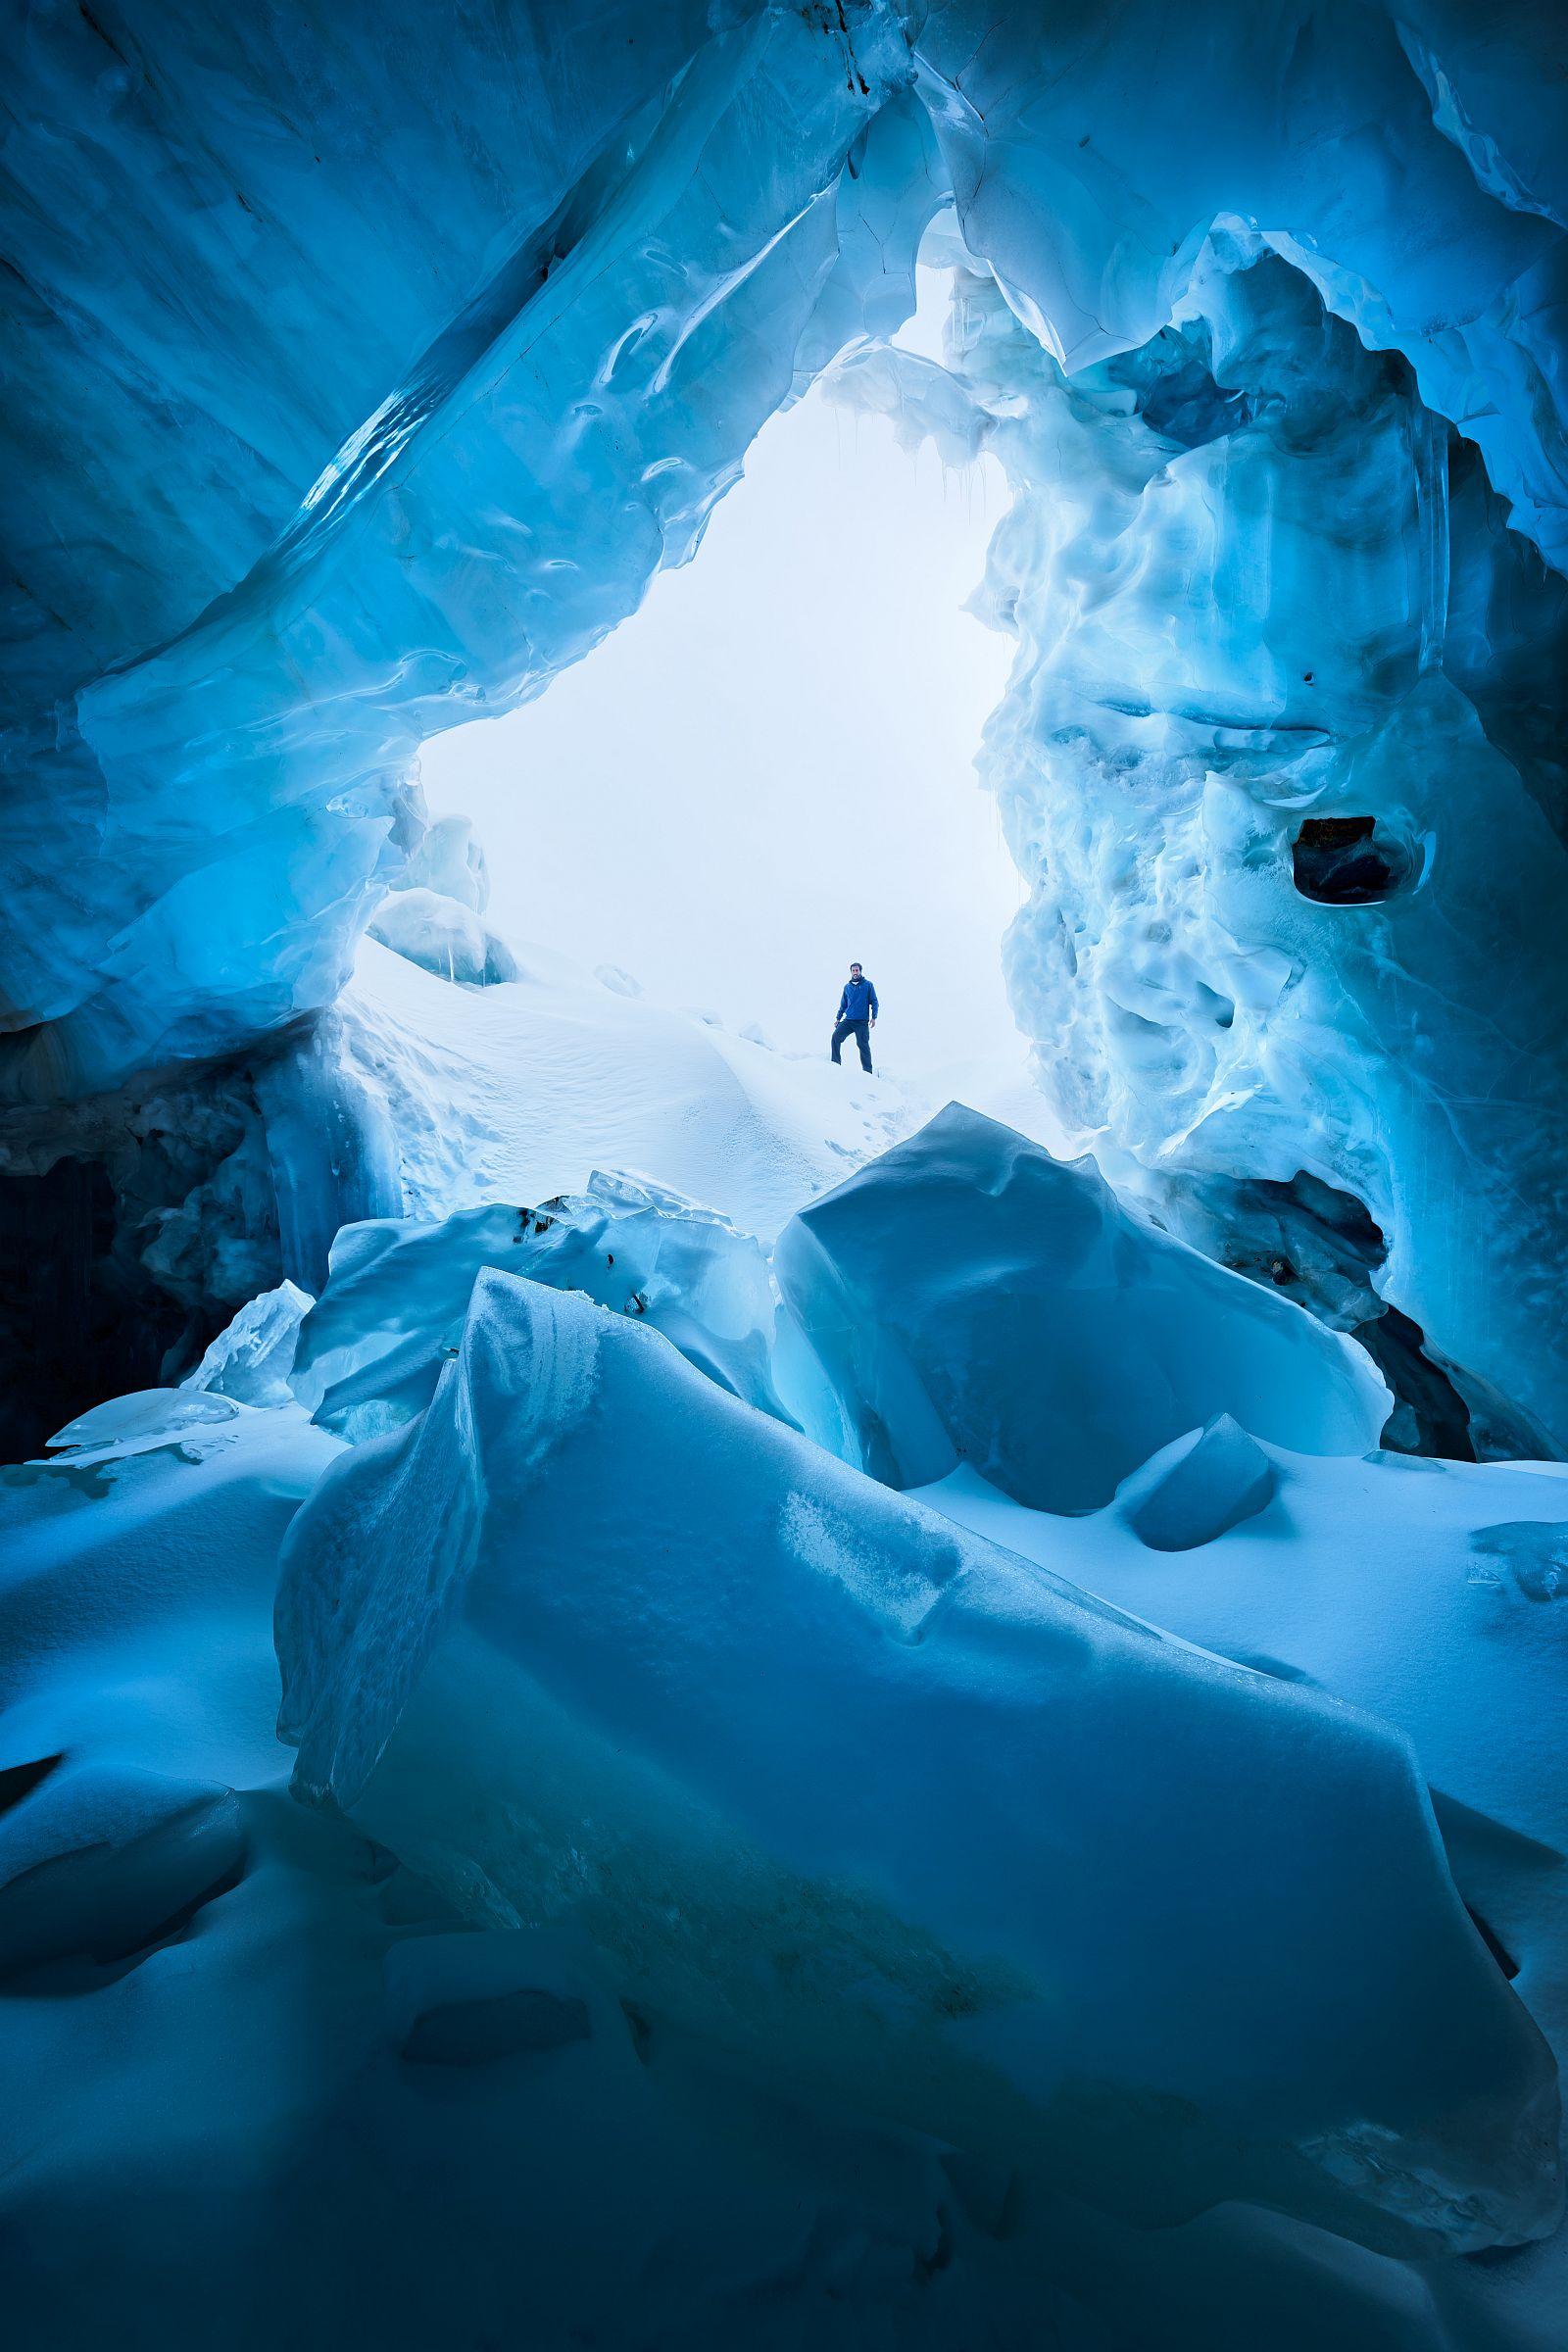 «Ледяные пещеры». Третье место в номинации «Пейзажи природы». Фото: Erez Marom